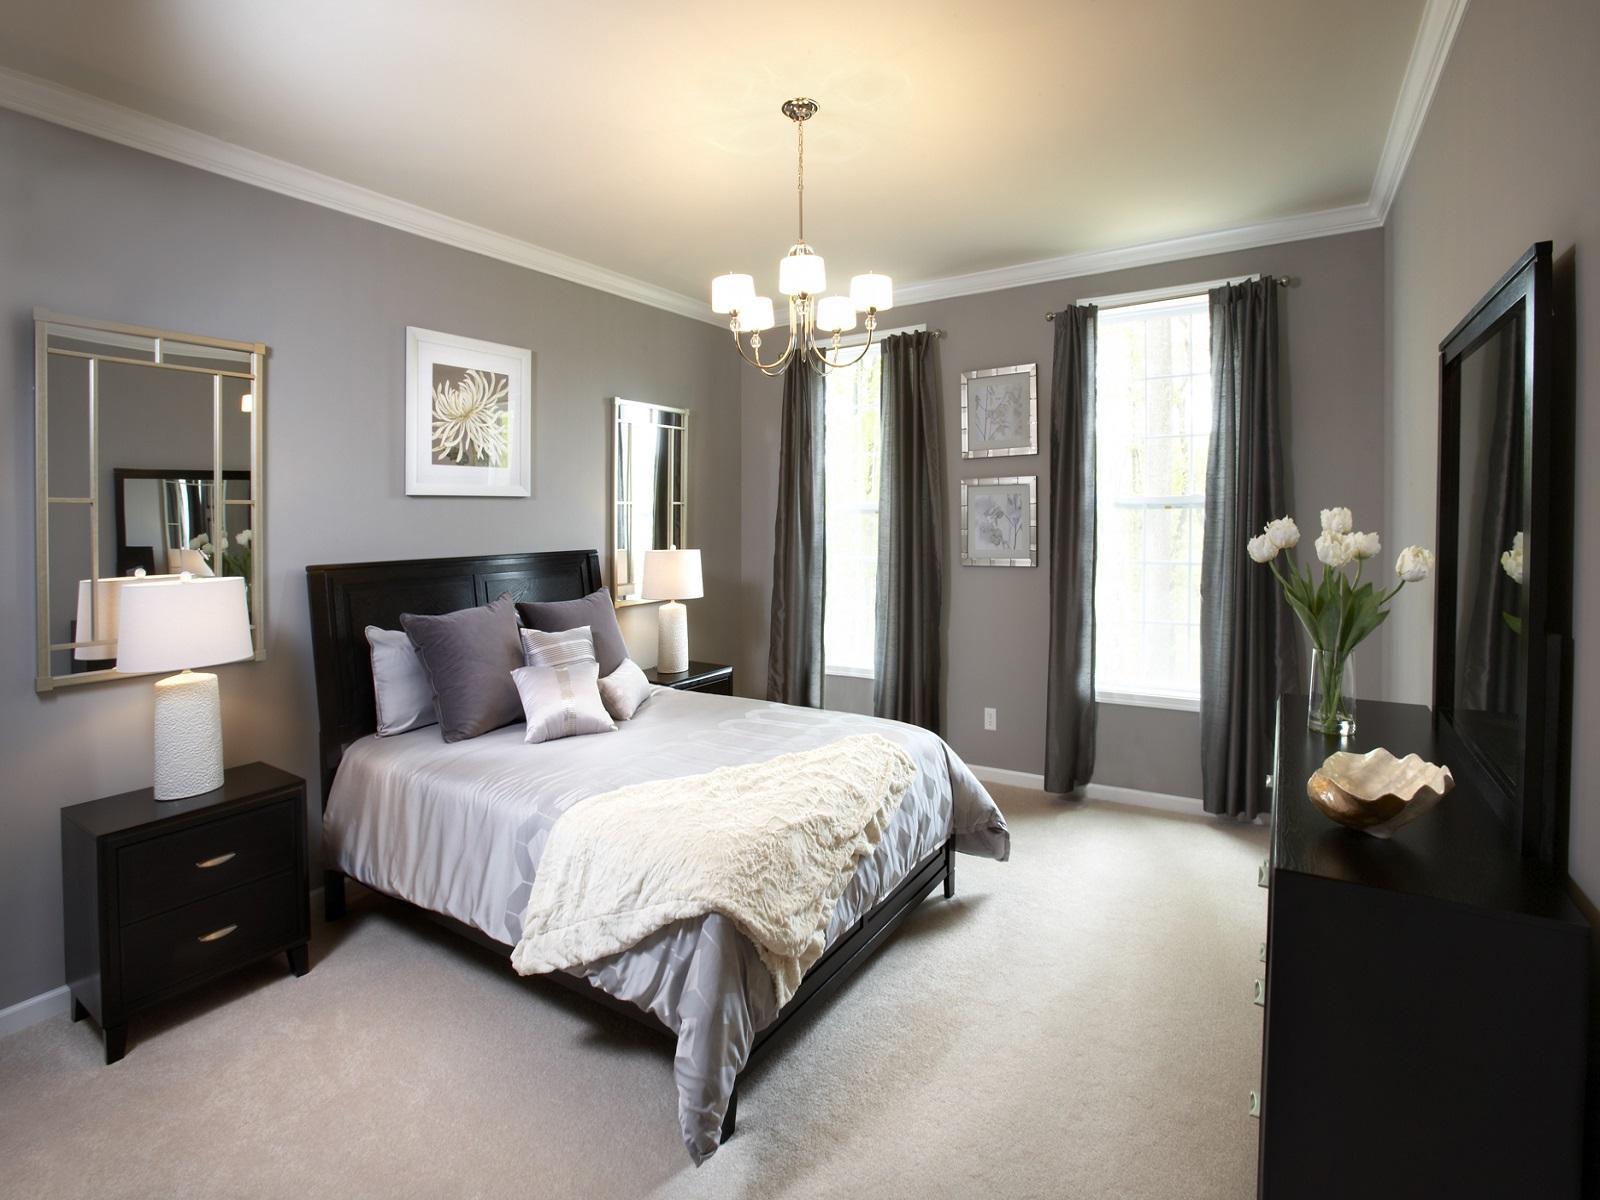 bedroom color dark furniture Awesome Bedroom Dark Colors  best bedroom colors Bedroom Dark  1200 X 1600